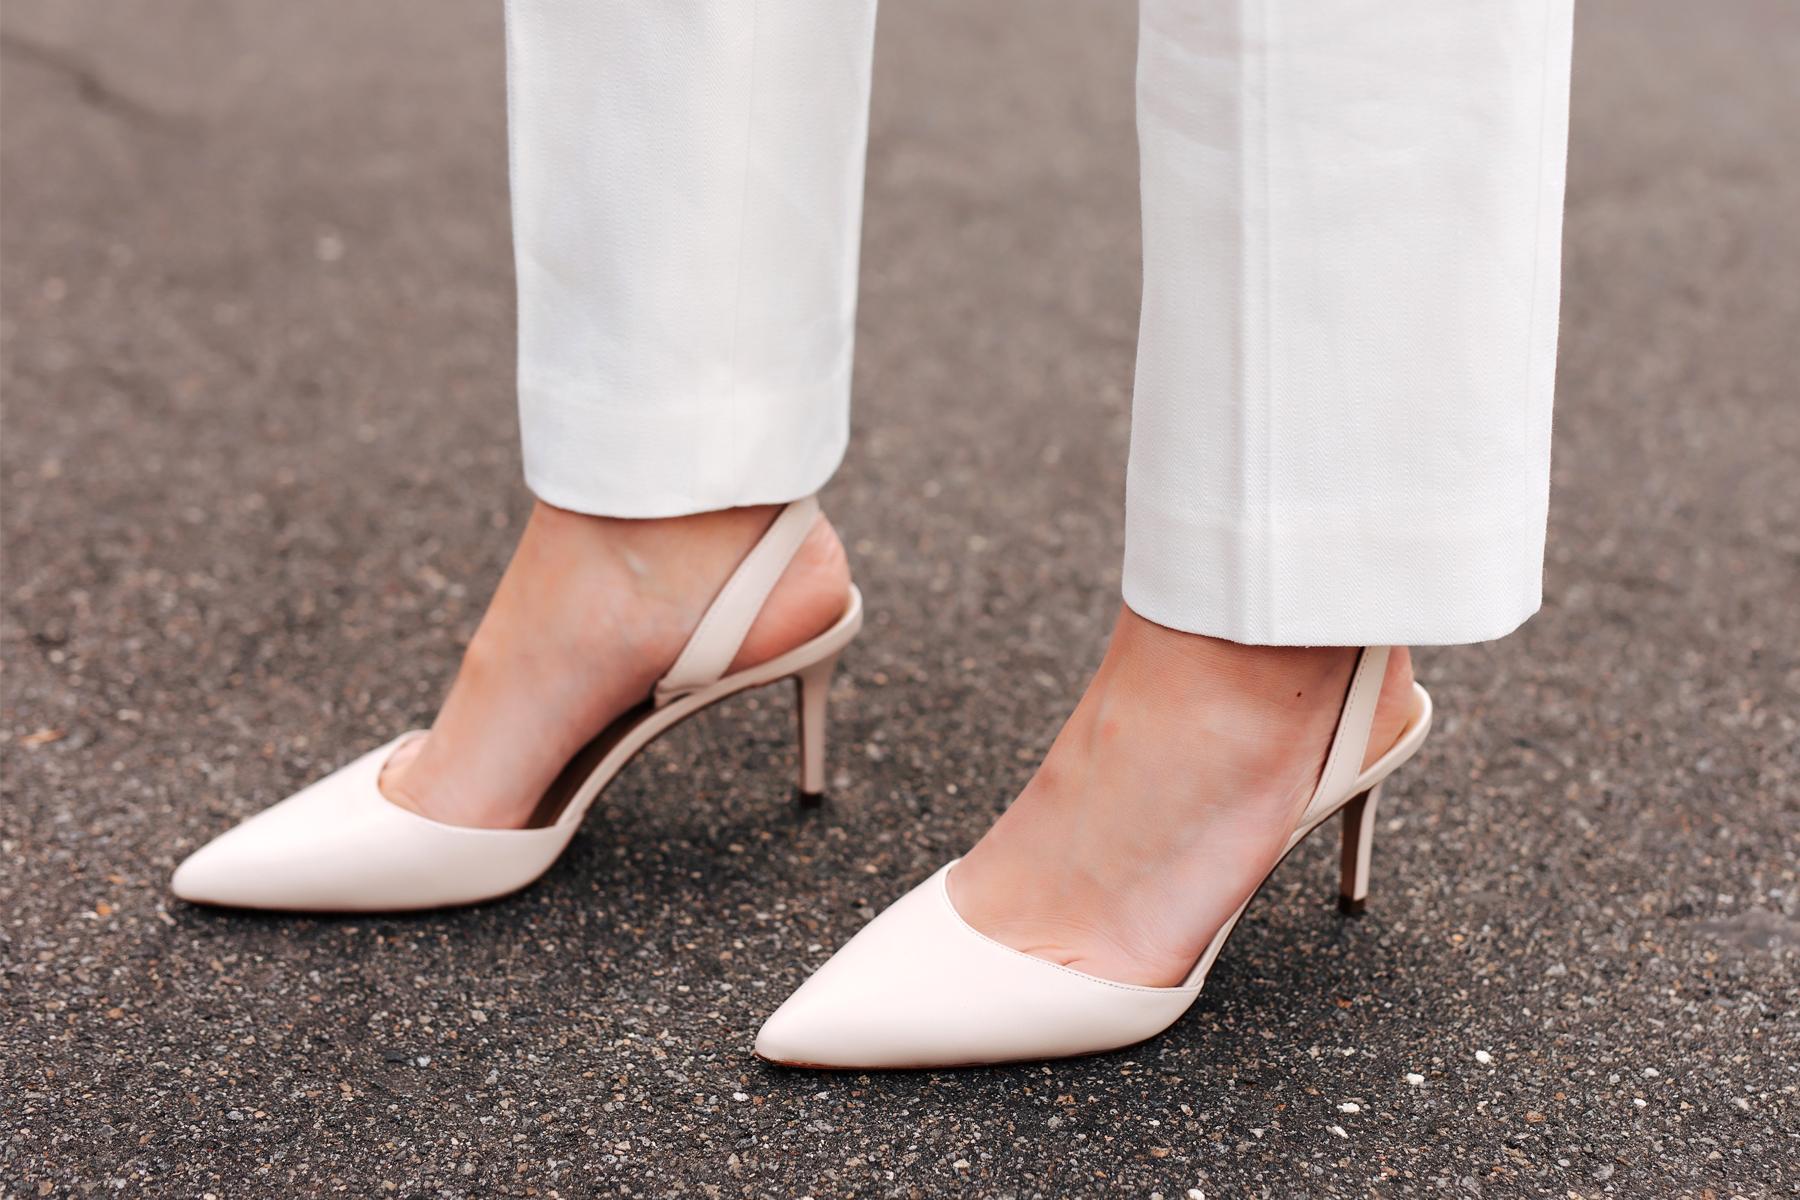 Fashion Jackson Wearing White Pants Ann Taylor White Pumps